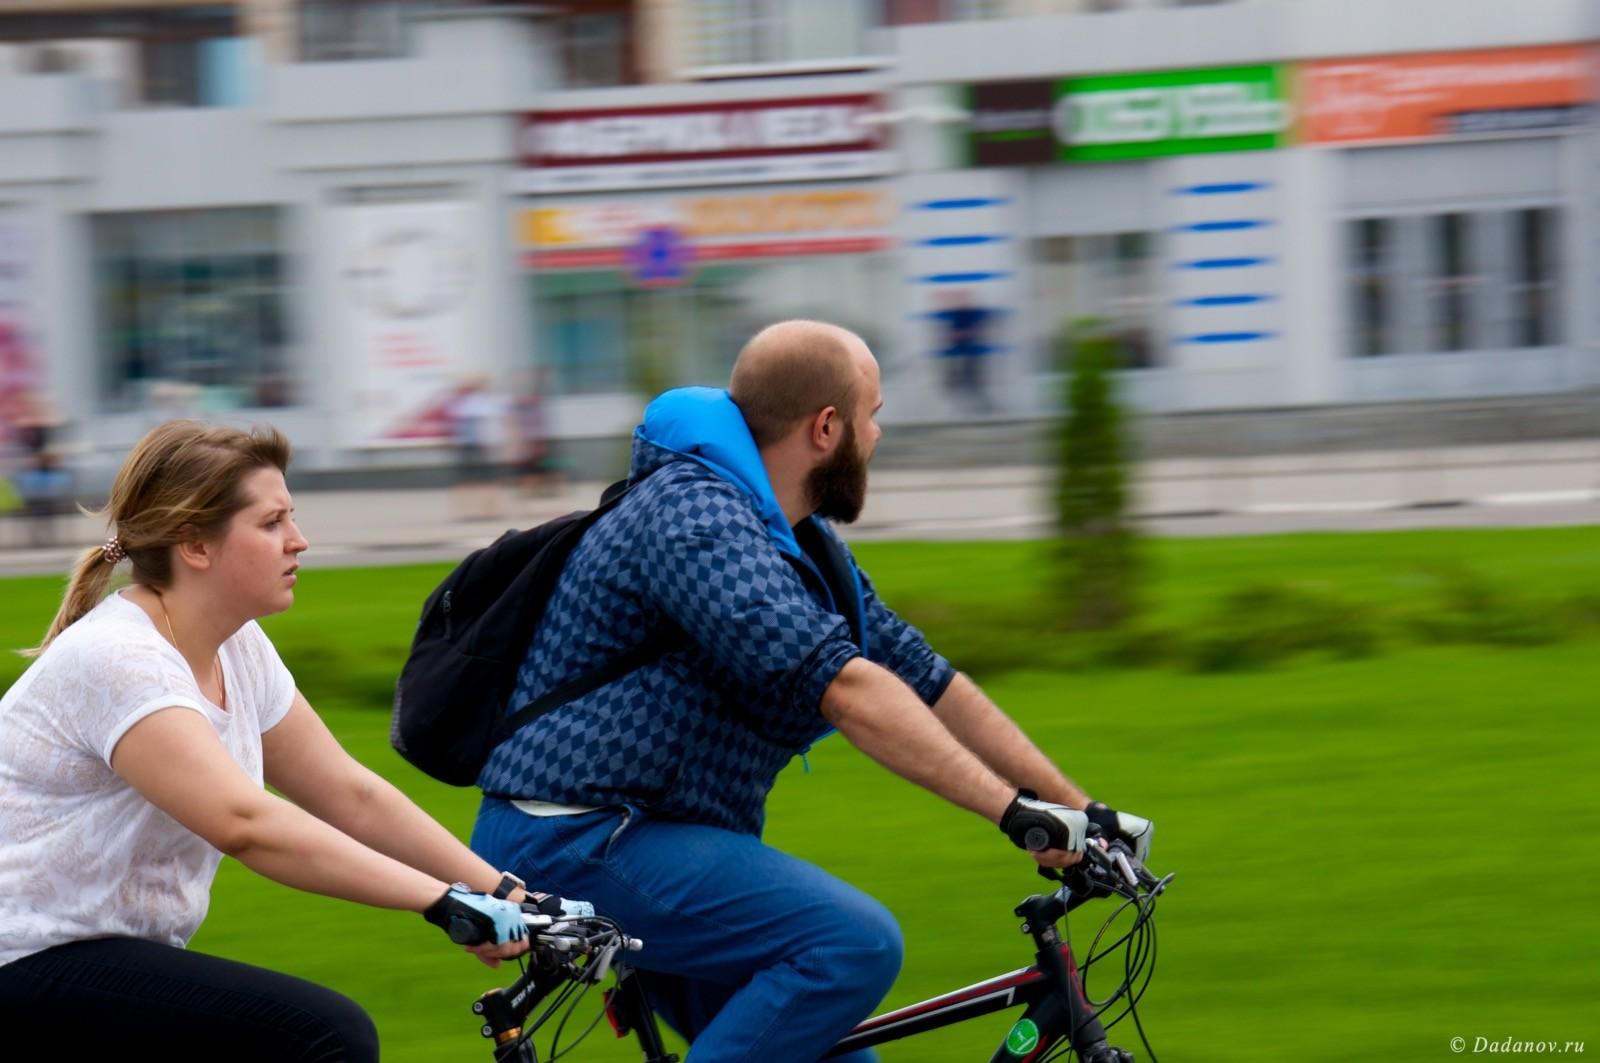 Велодень 2016 в Липецке состоялся. Фотографии с мероприятия 3036